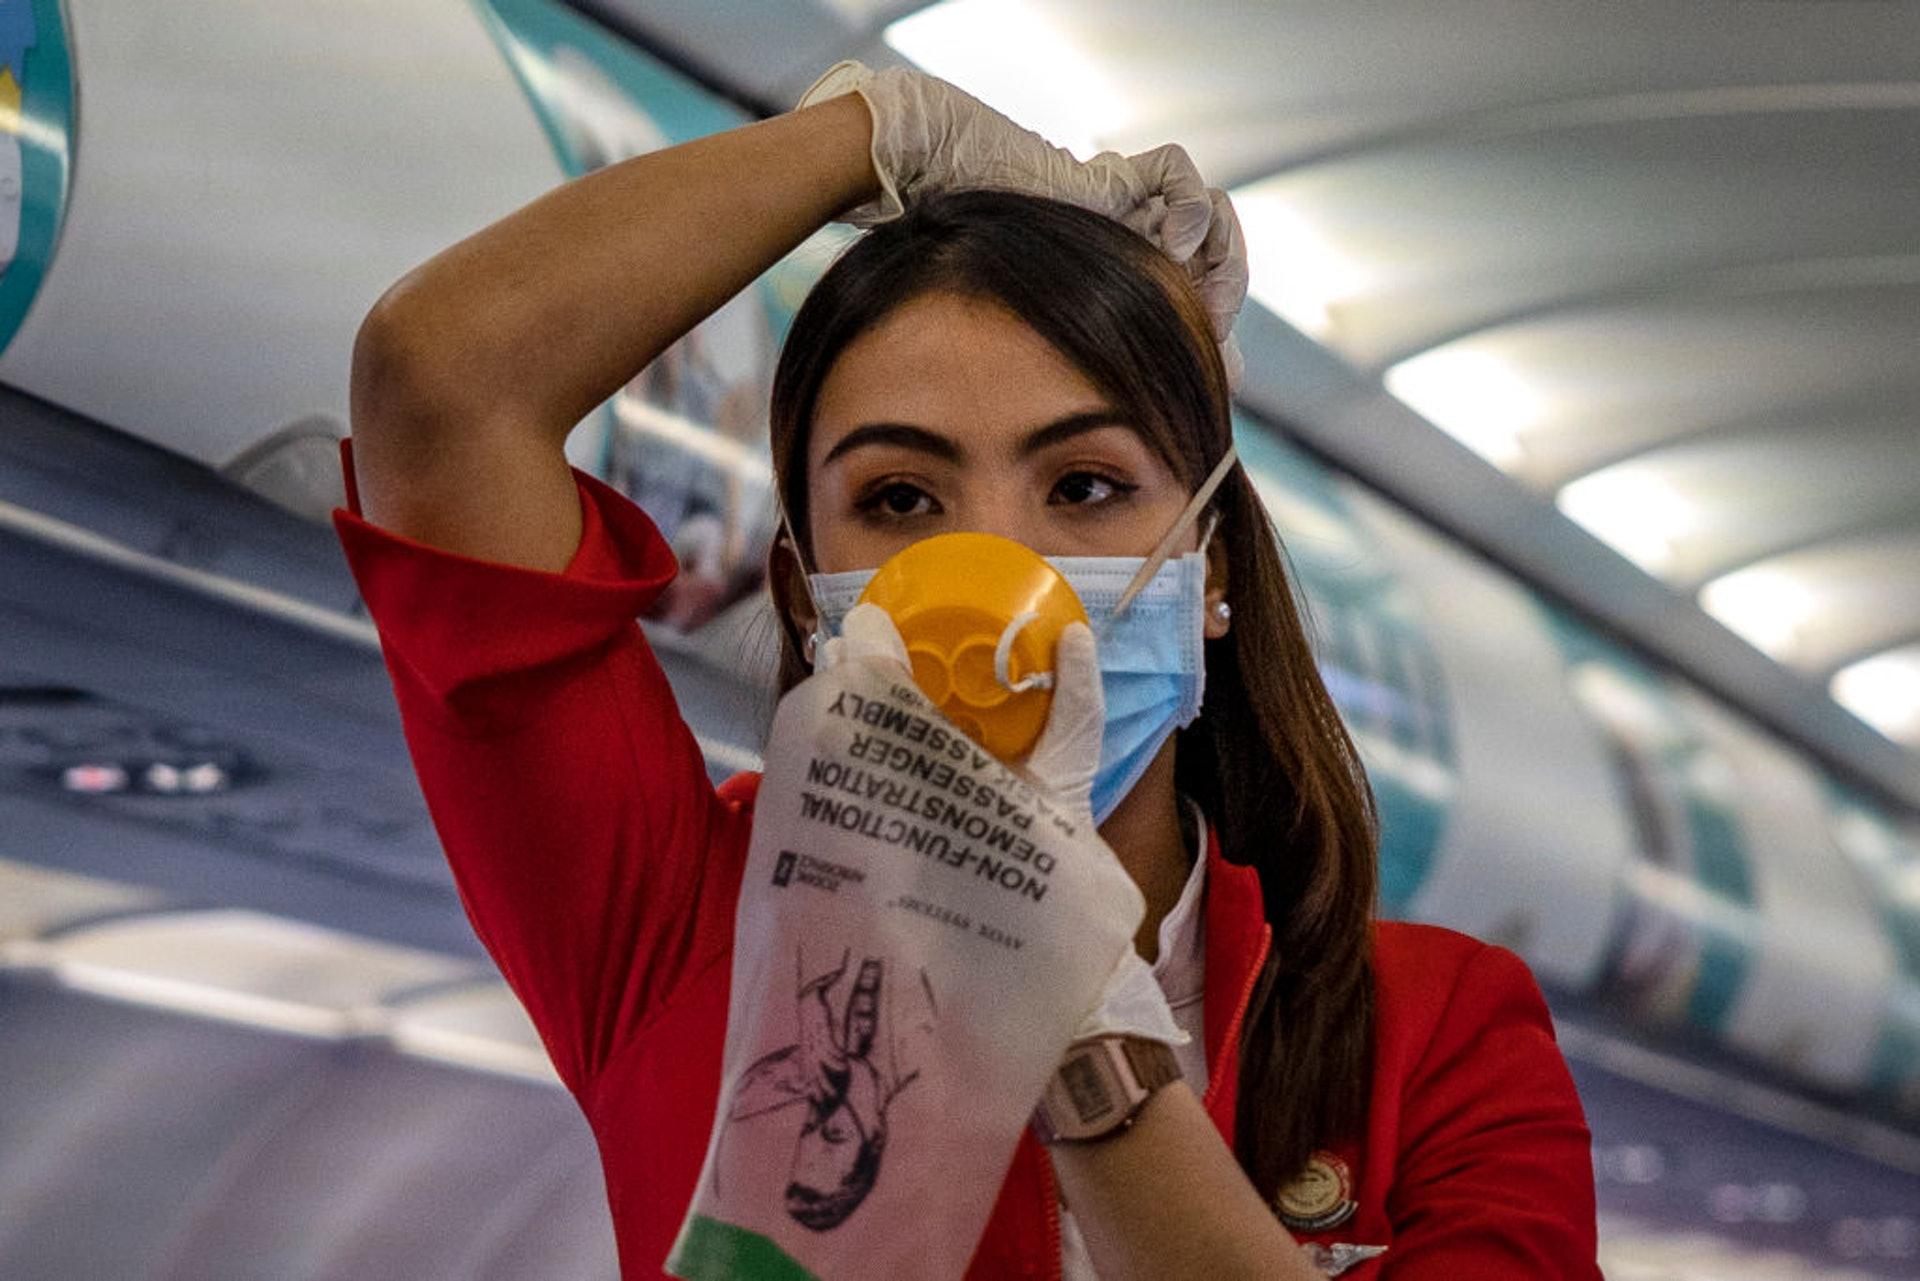 资深空姐爆疫情下搭飞机的22个禁忌:不要靠窗 别喝咖啡…